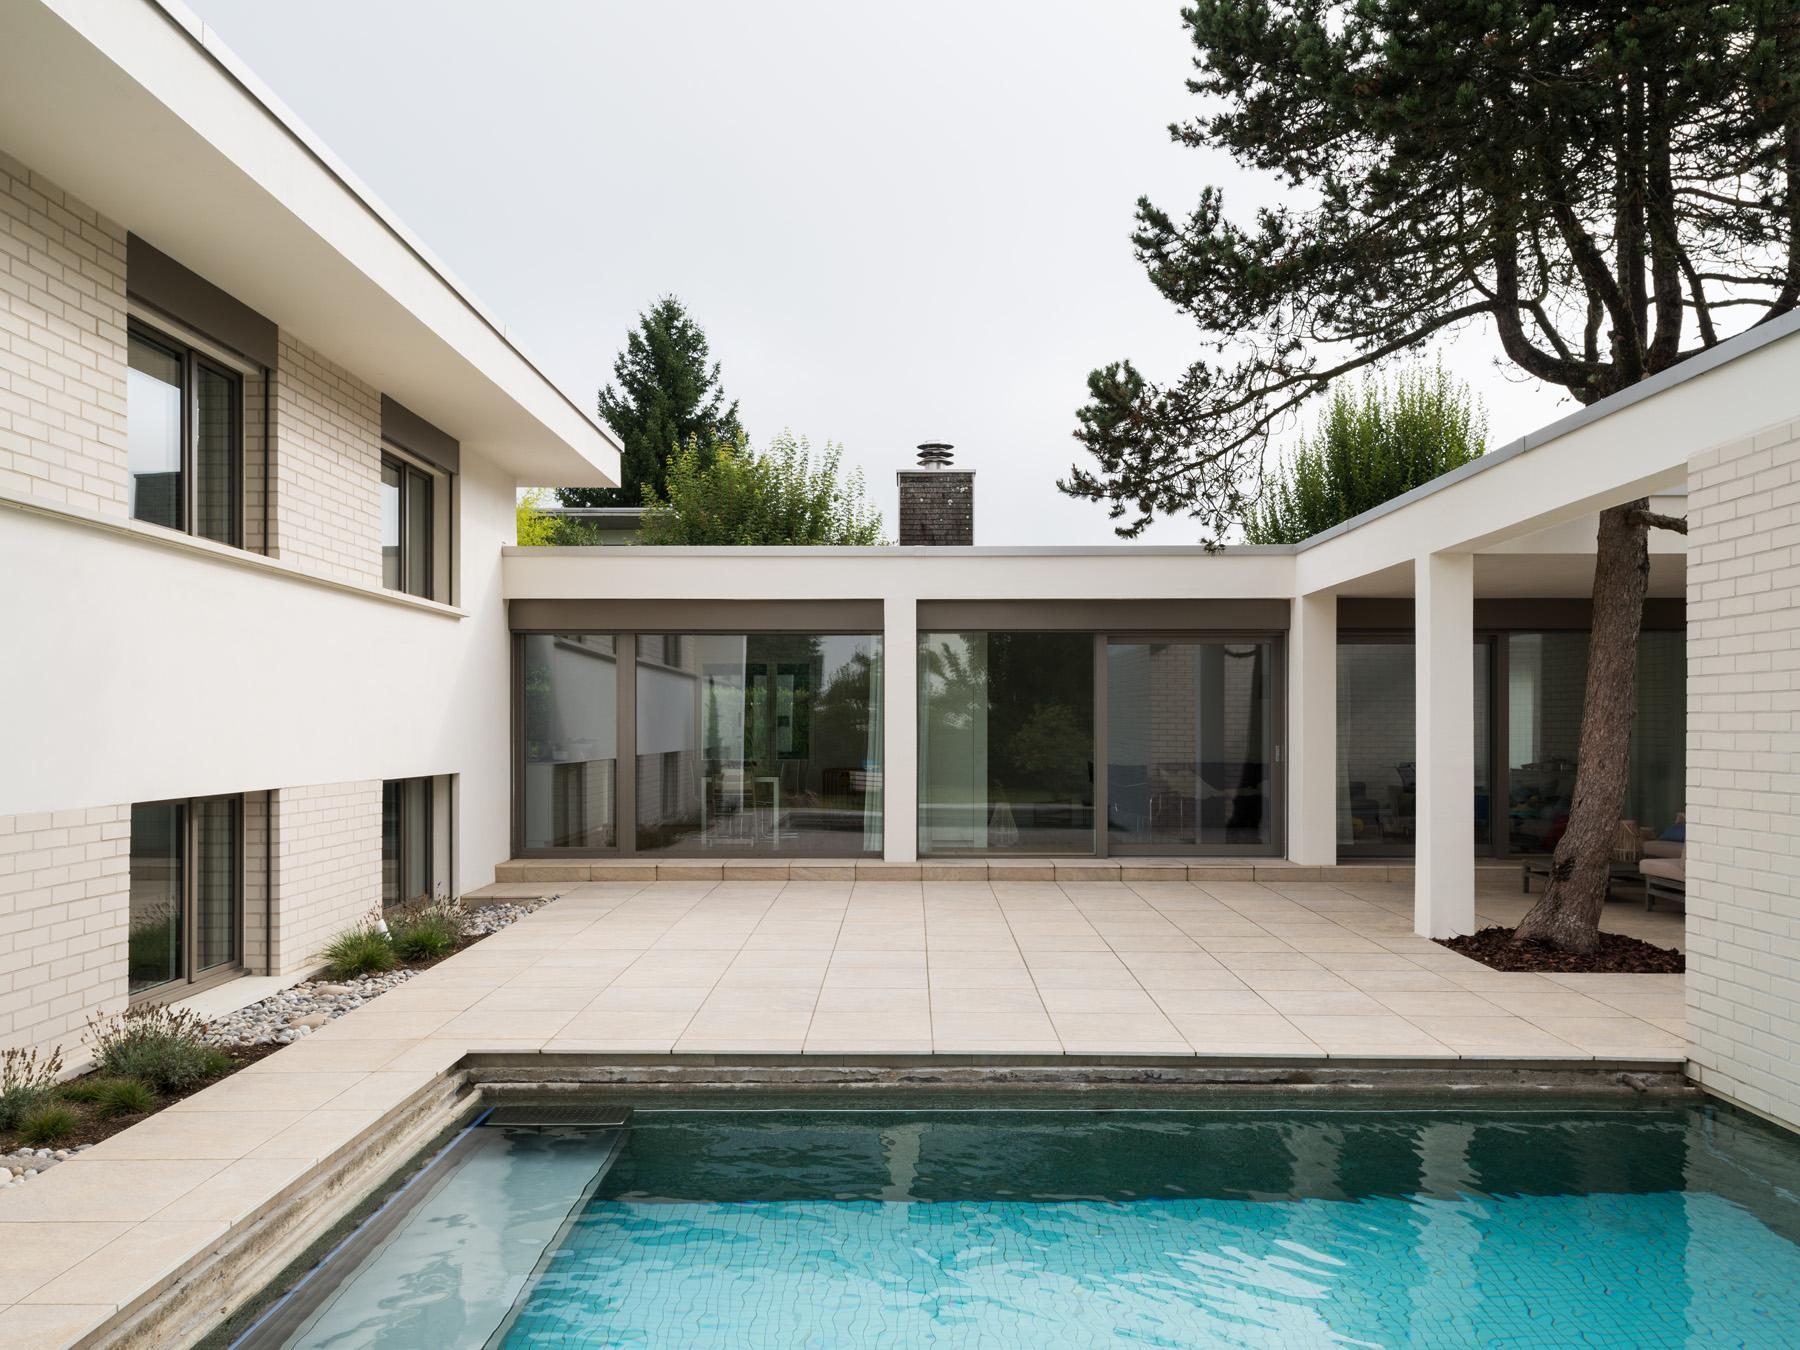 Umbau Wohnhaus, Feldbrunnen